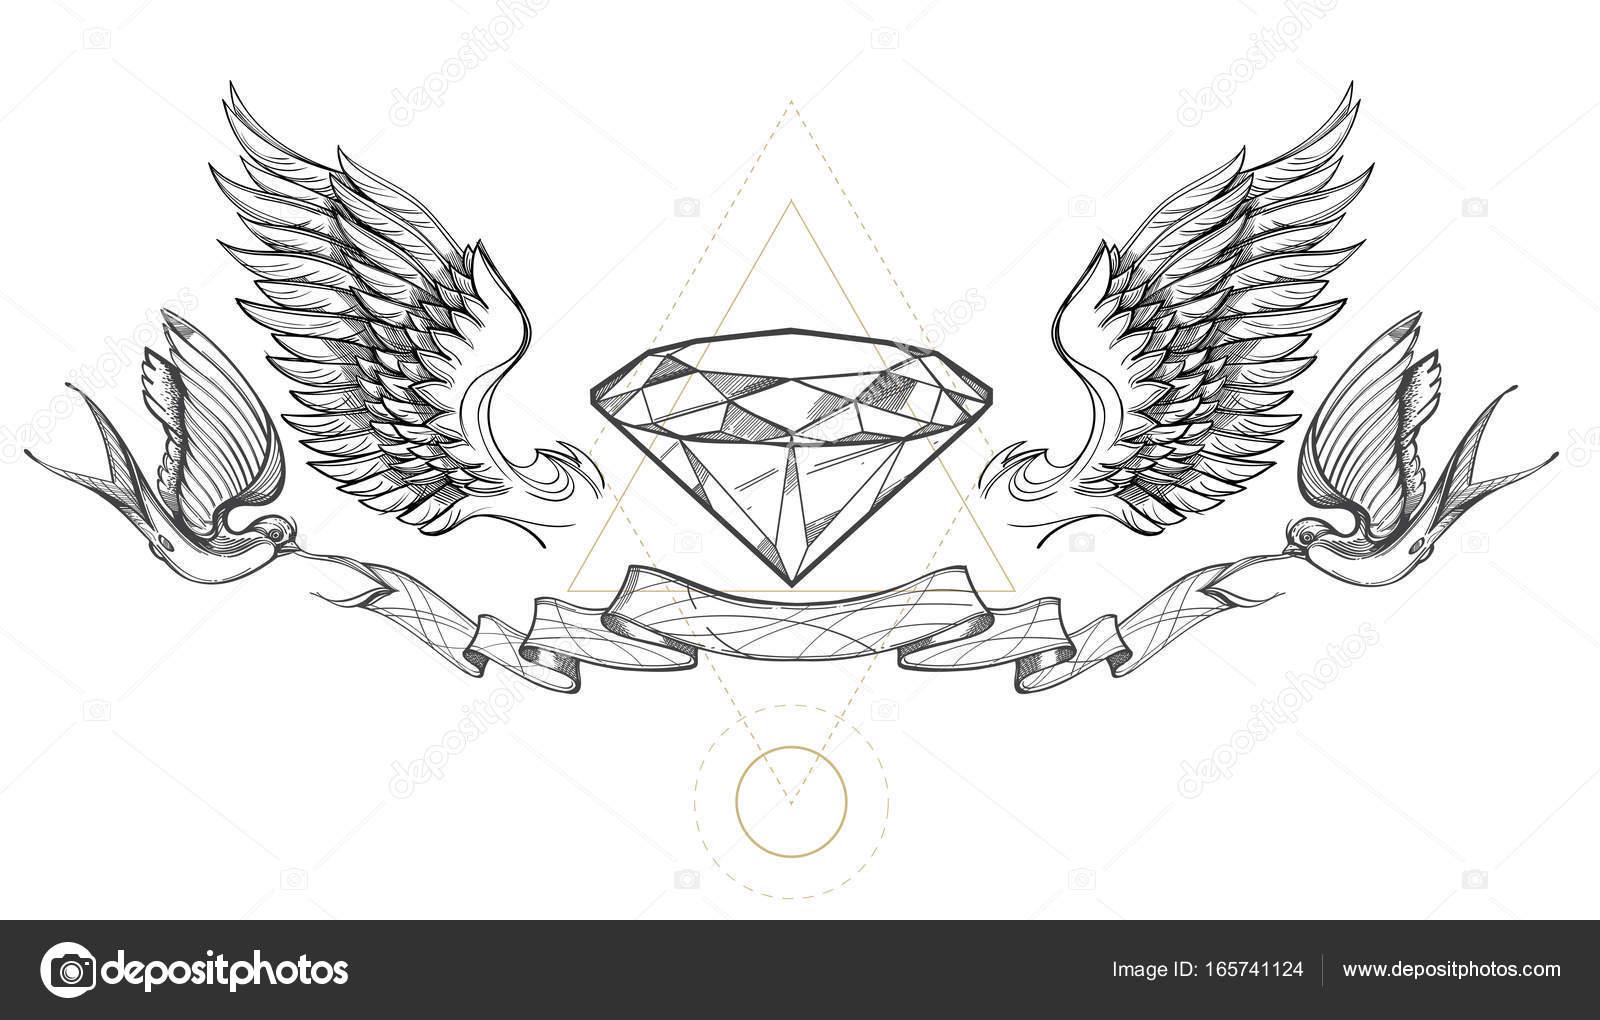 Dibujos Diamantes Con Alas Imagen De Diamante Alas Cinta Y